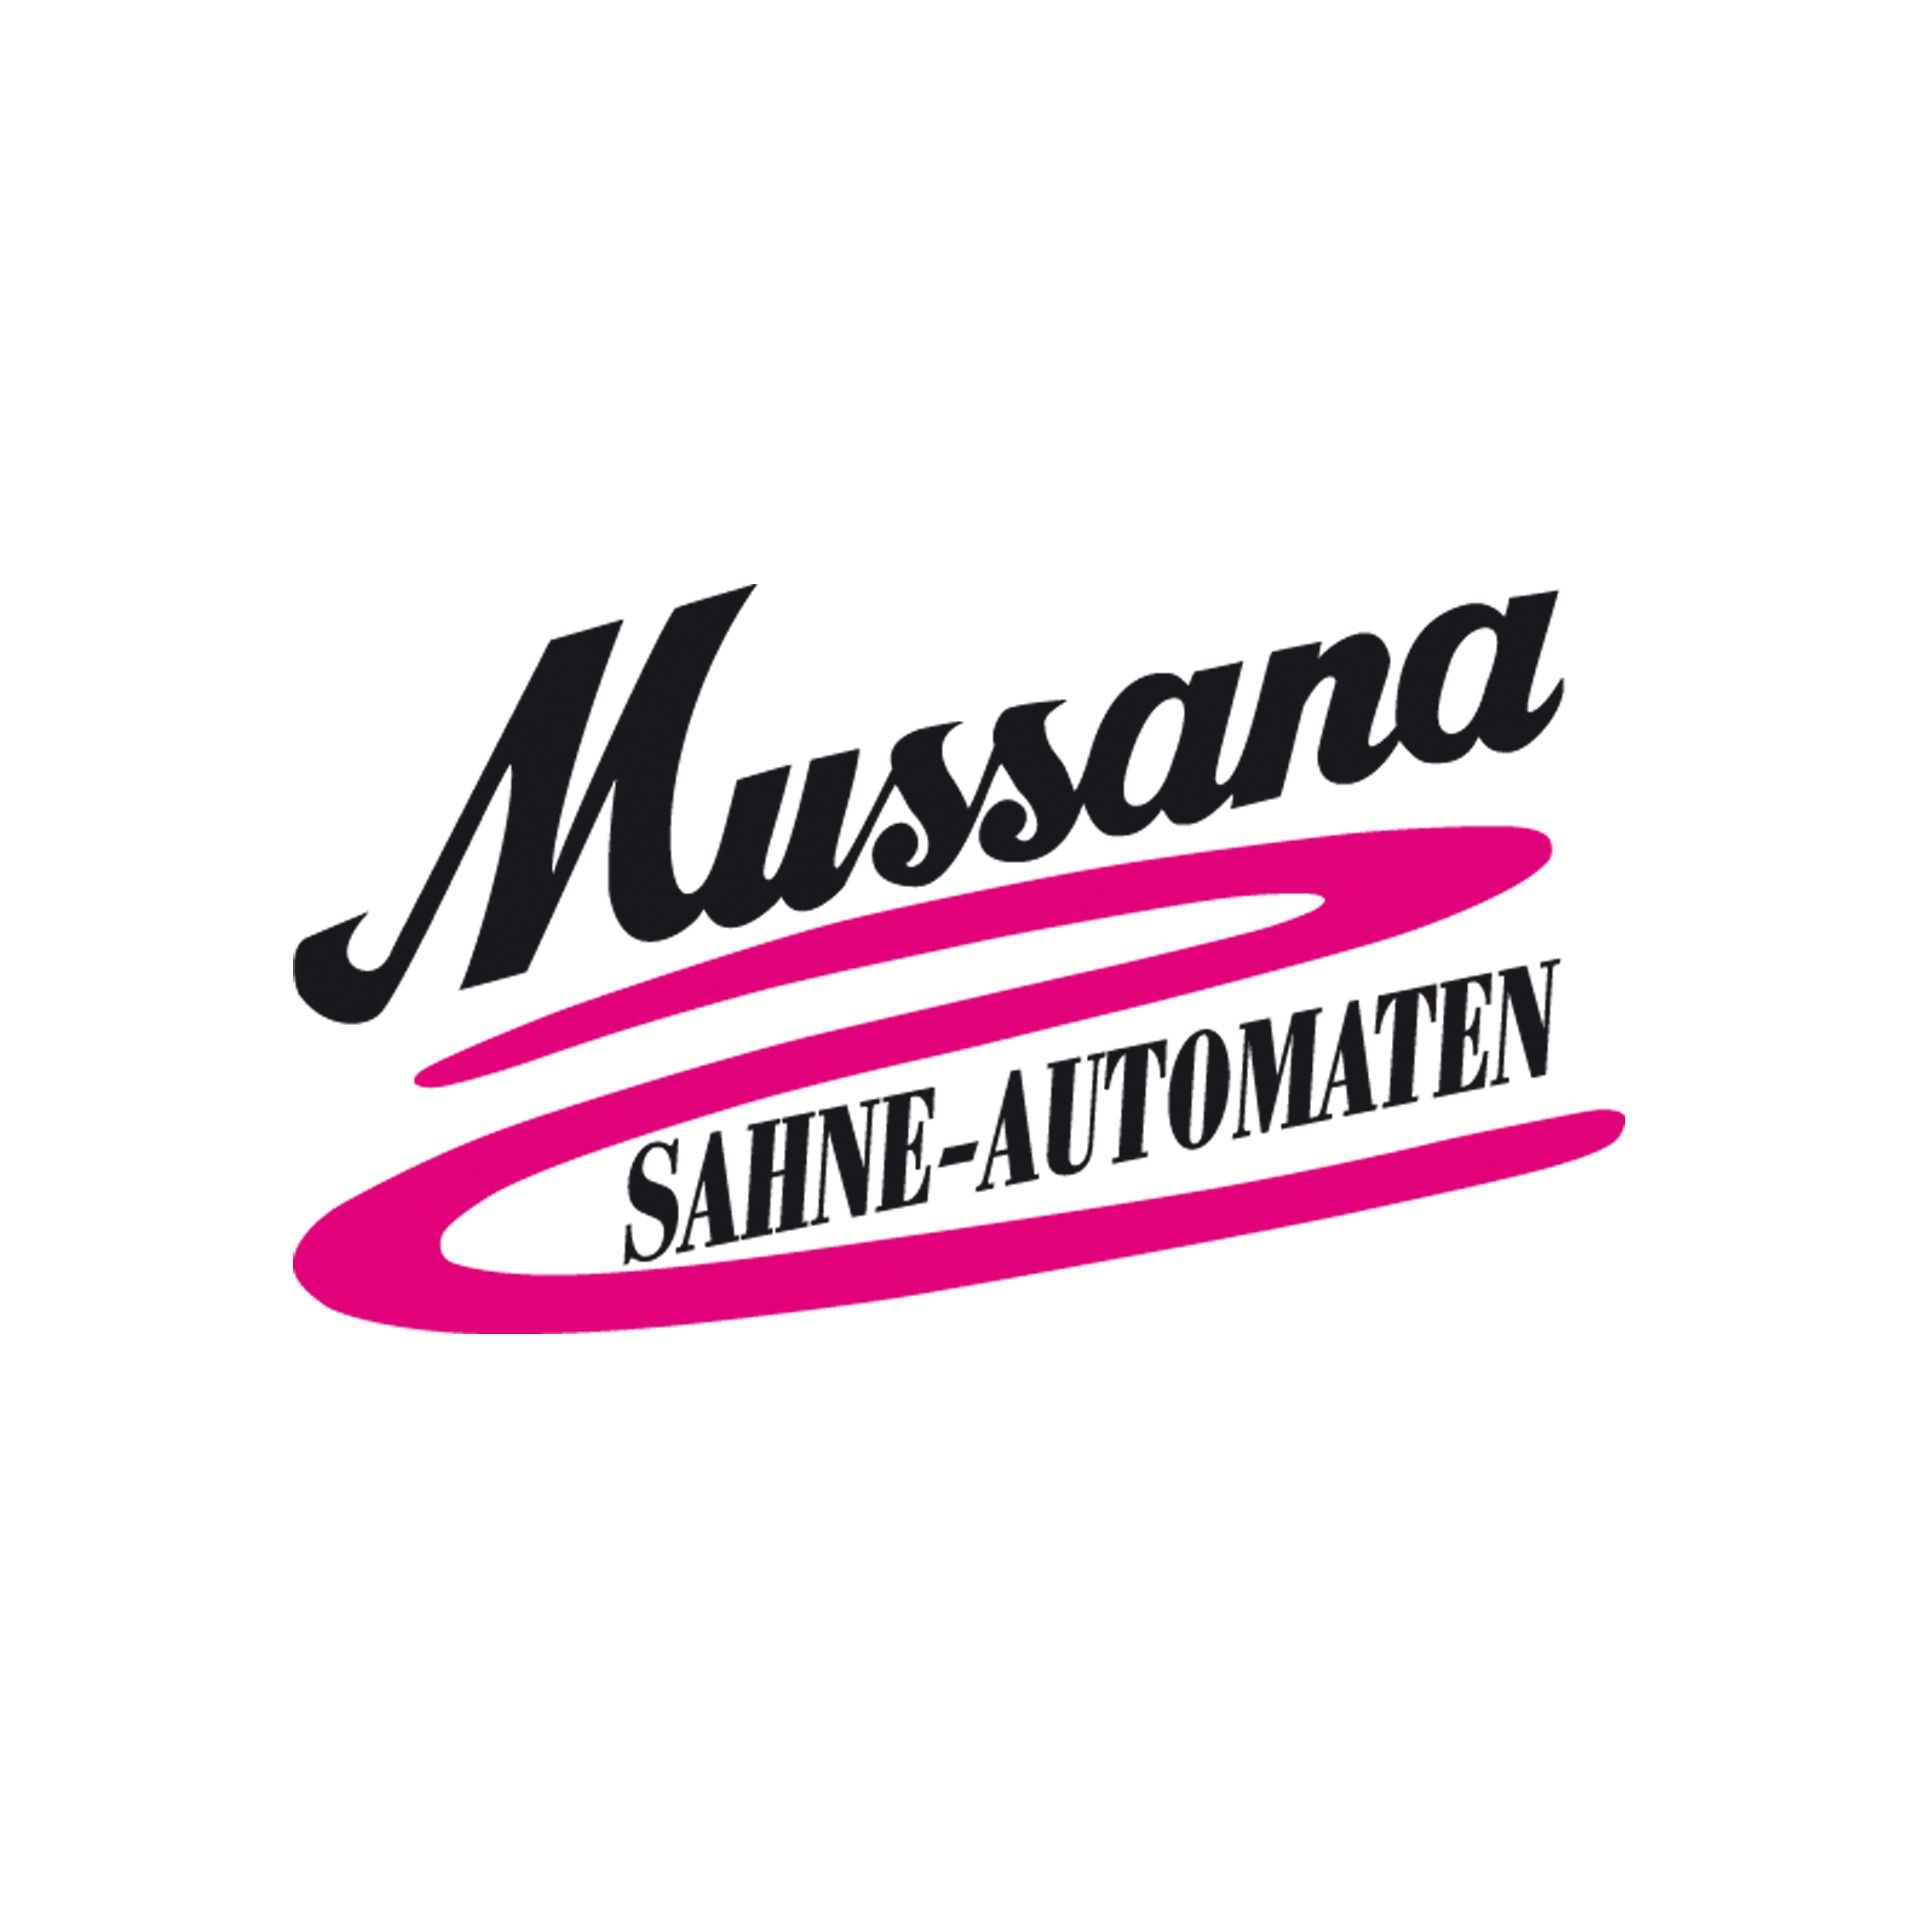 Mussana Logo